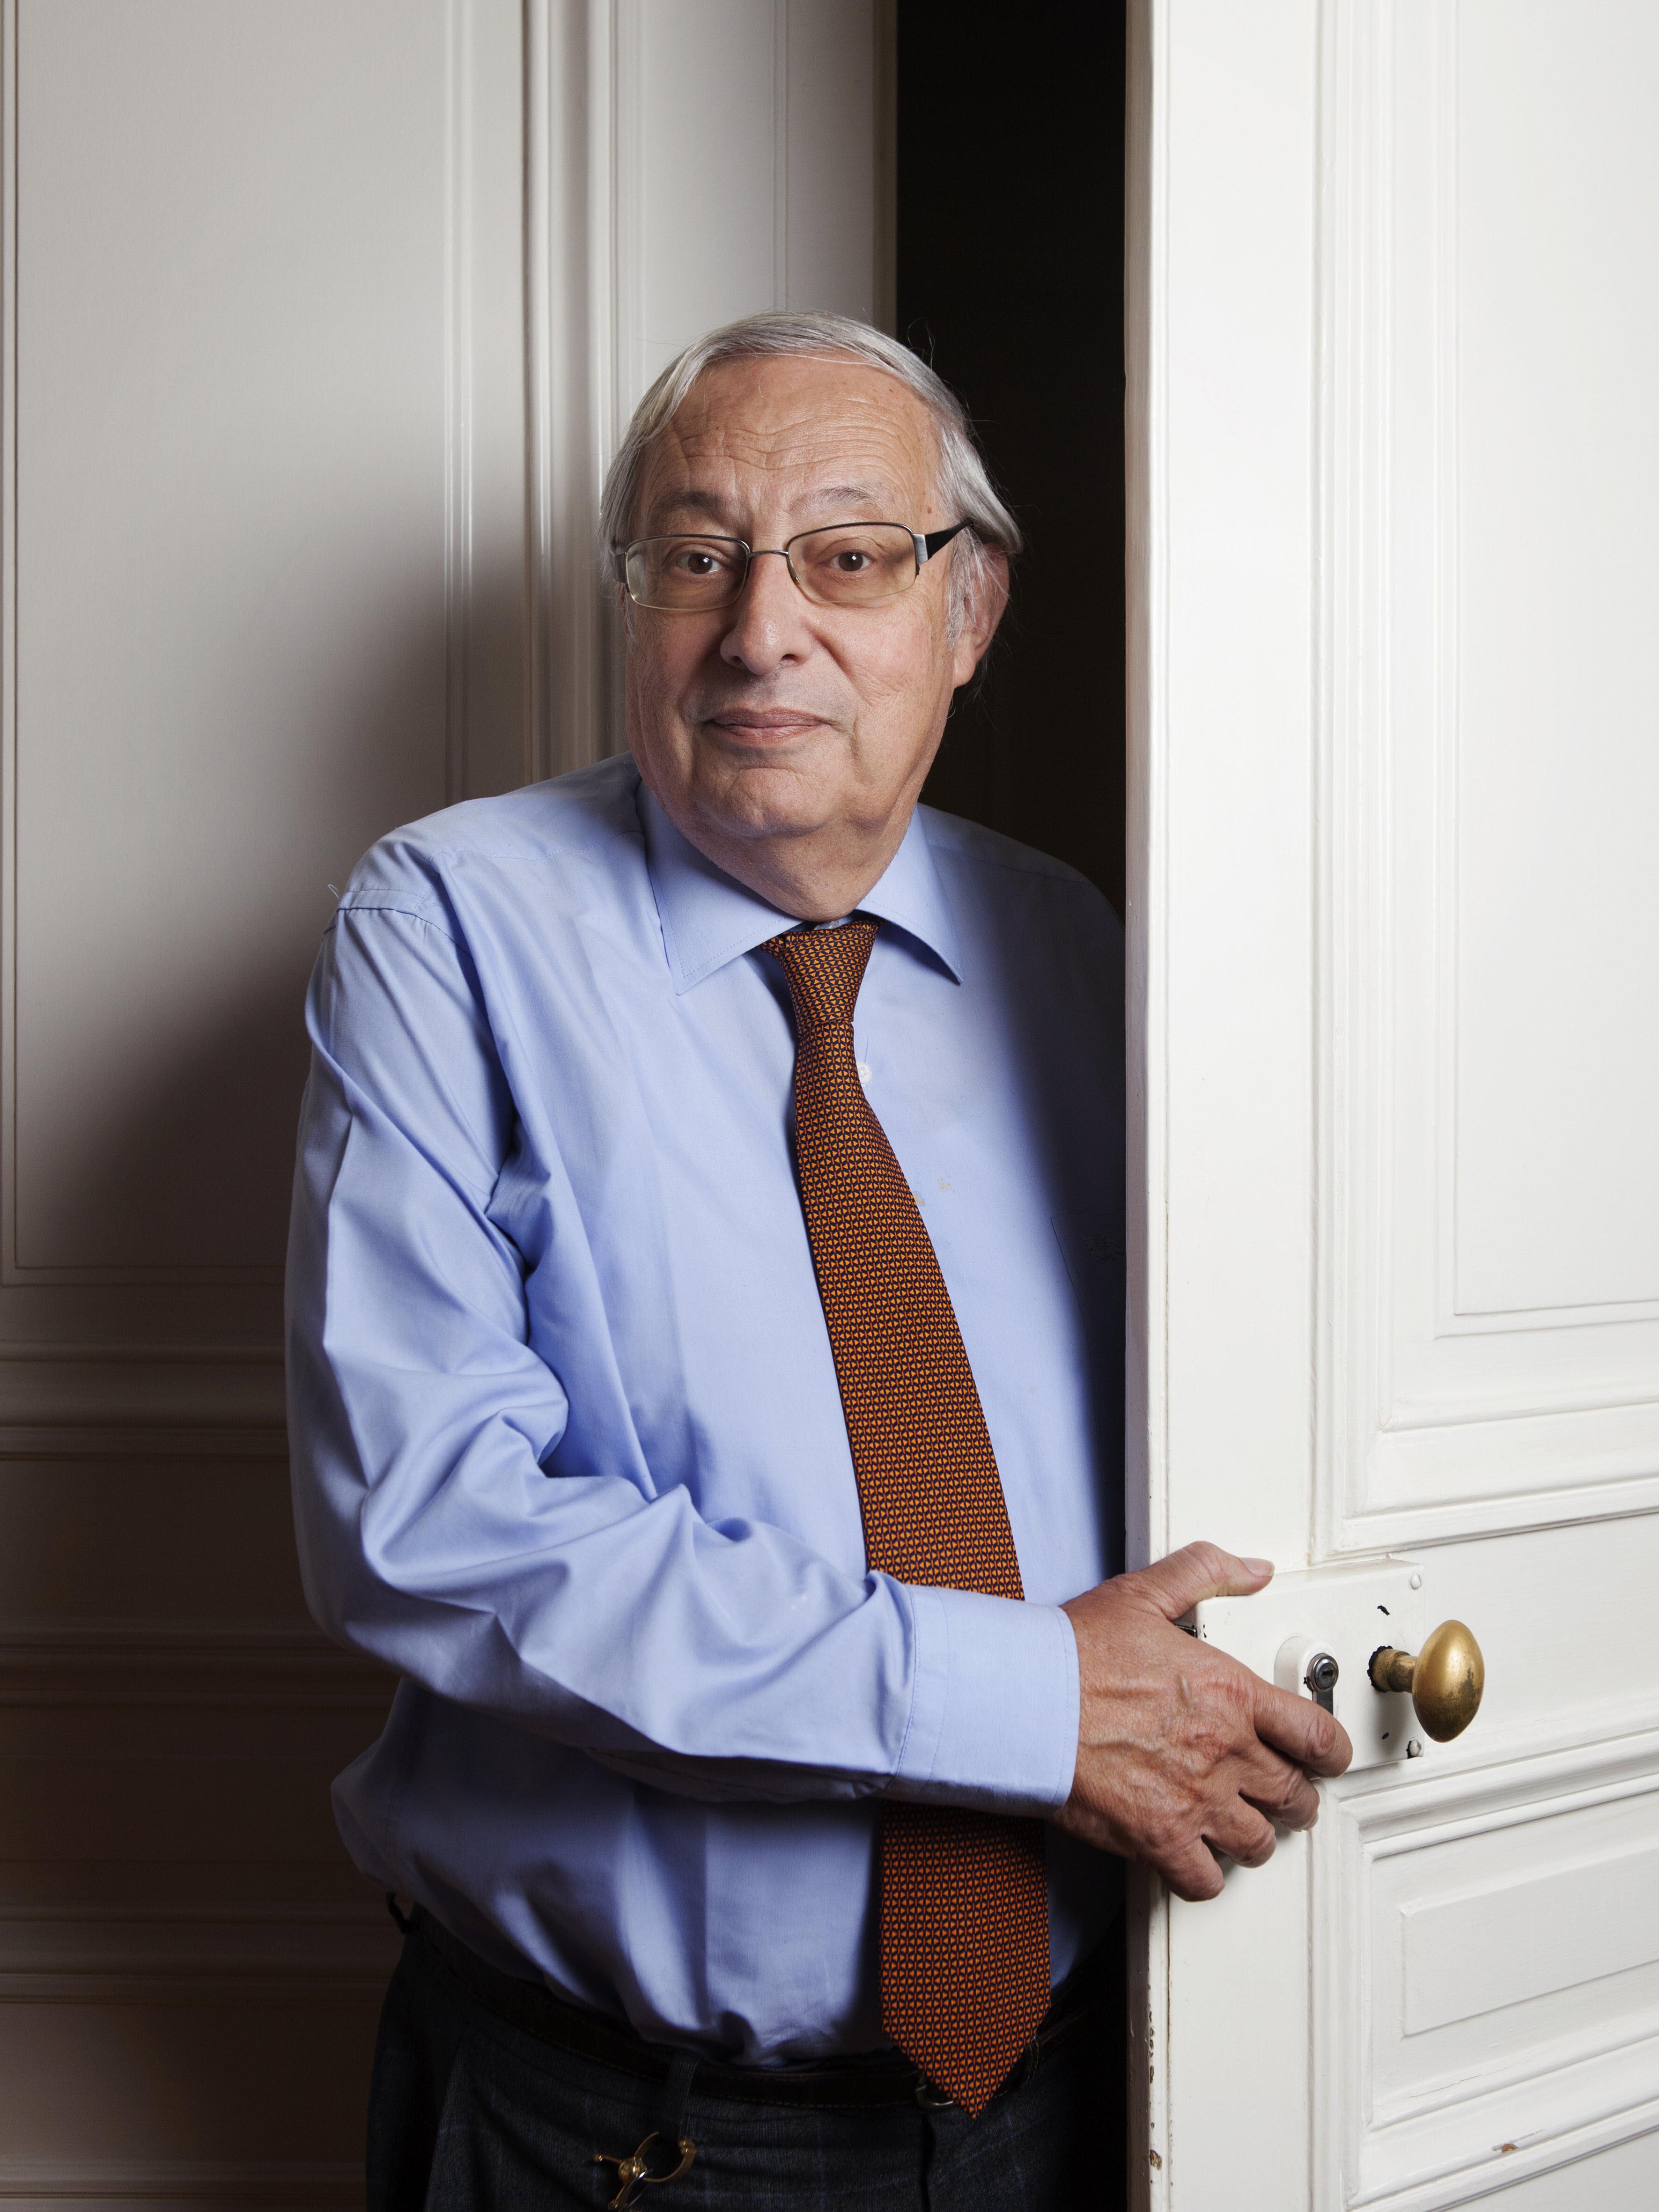 Bertrand Badie en su despacho del instituto de Estudios Políticos en el año 2016.